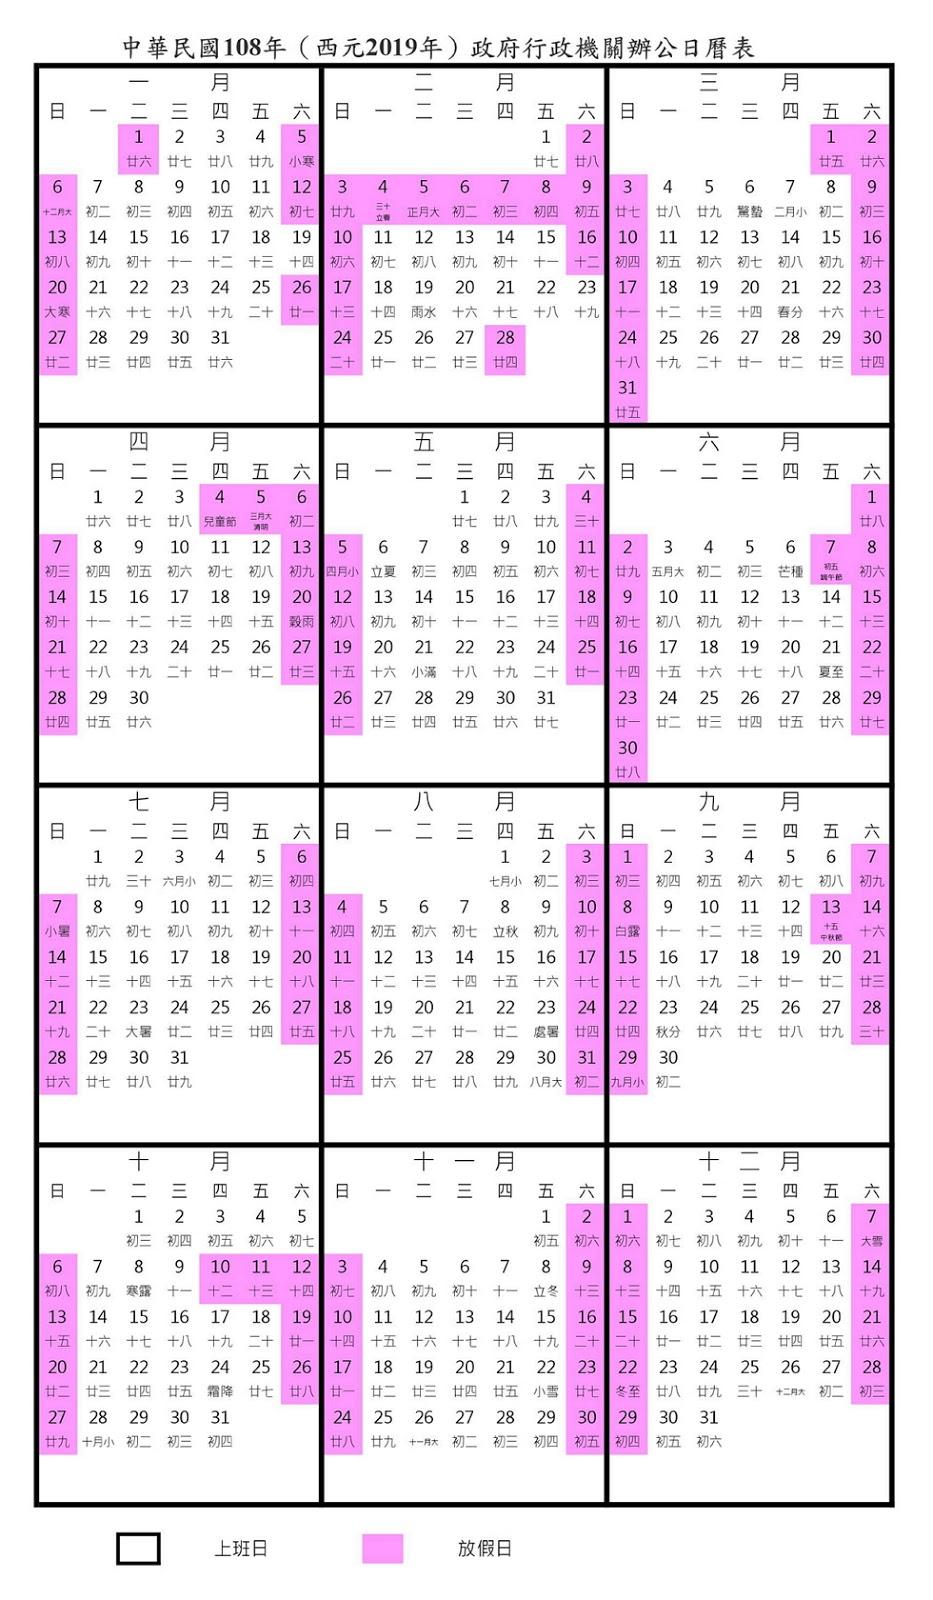 108年行事曆/2019年行事曆/國定假日連續假日請假攻略懶人包